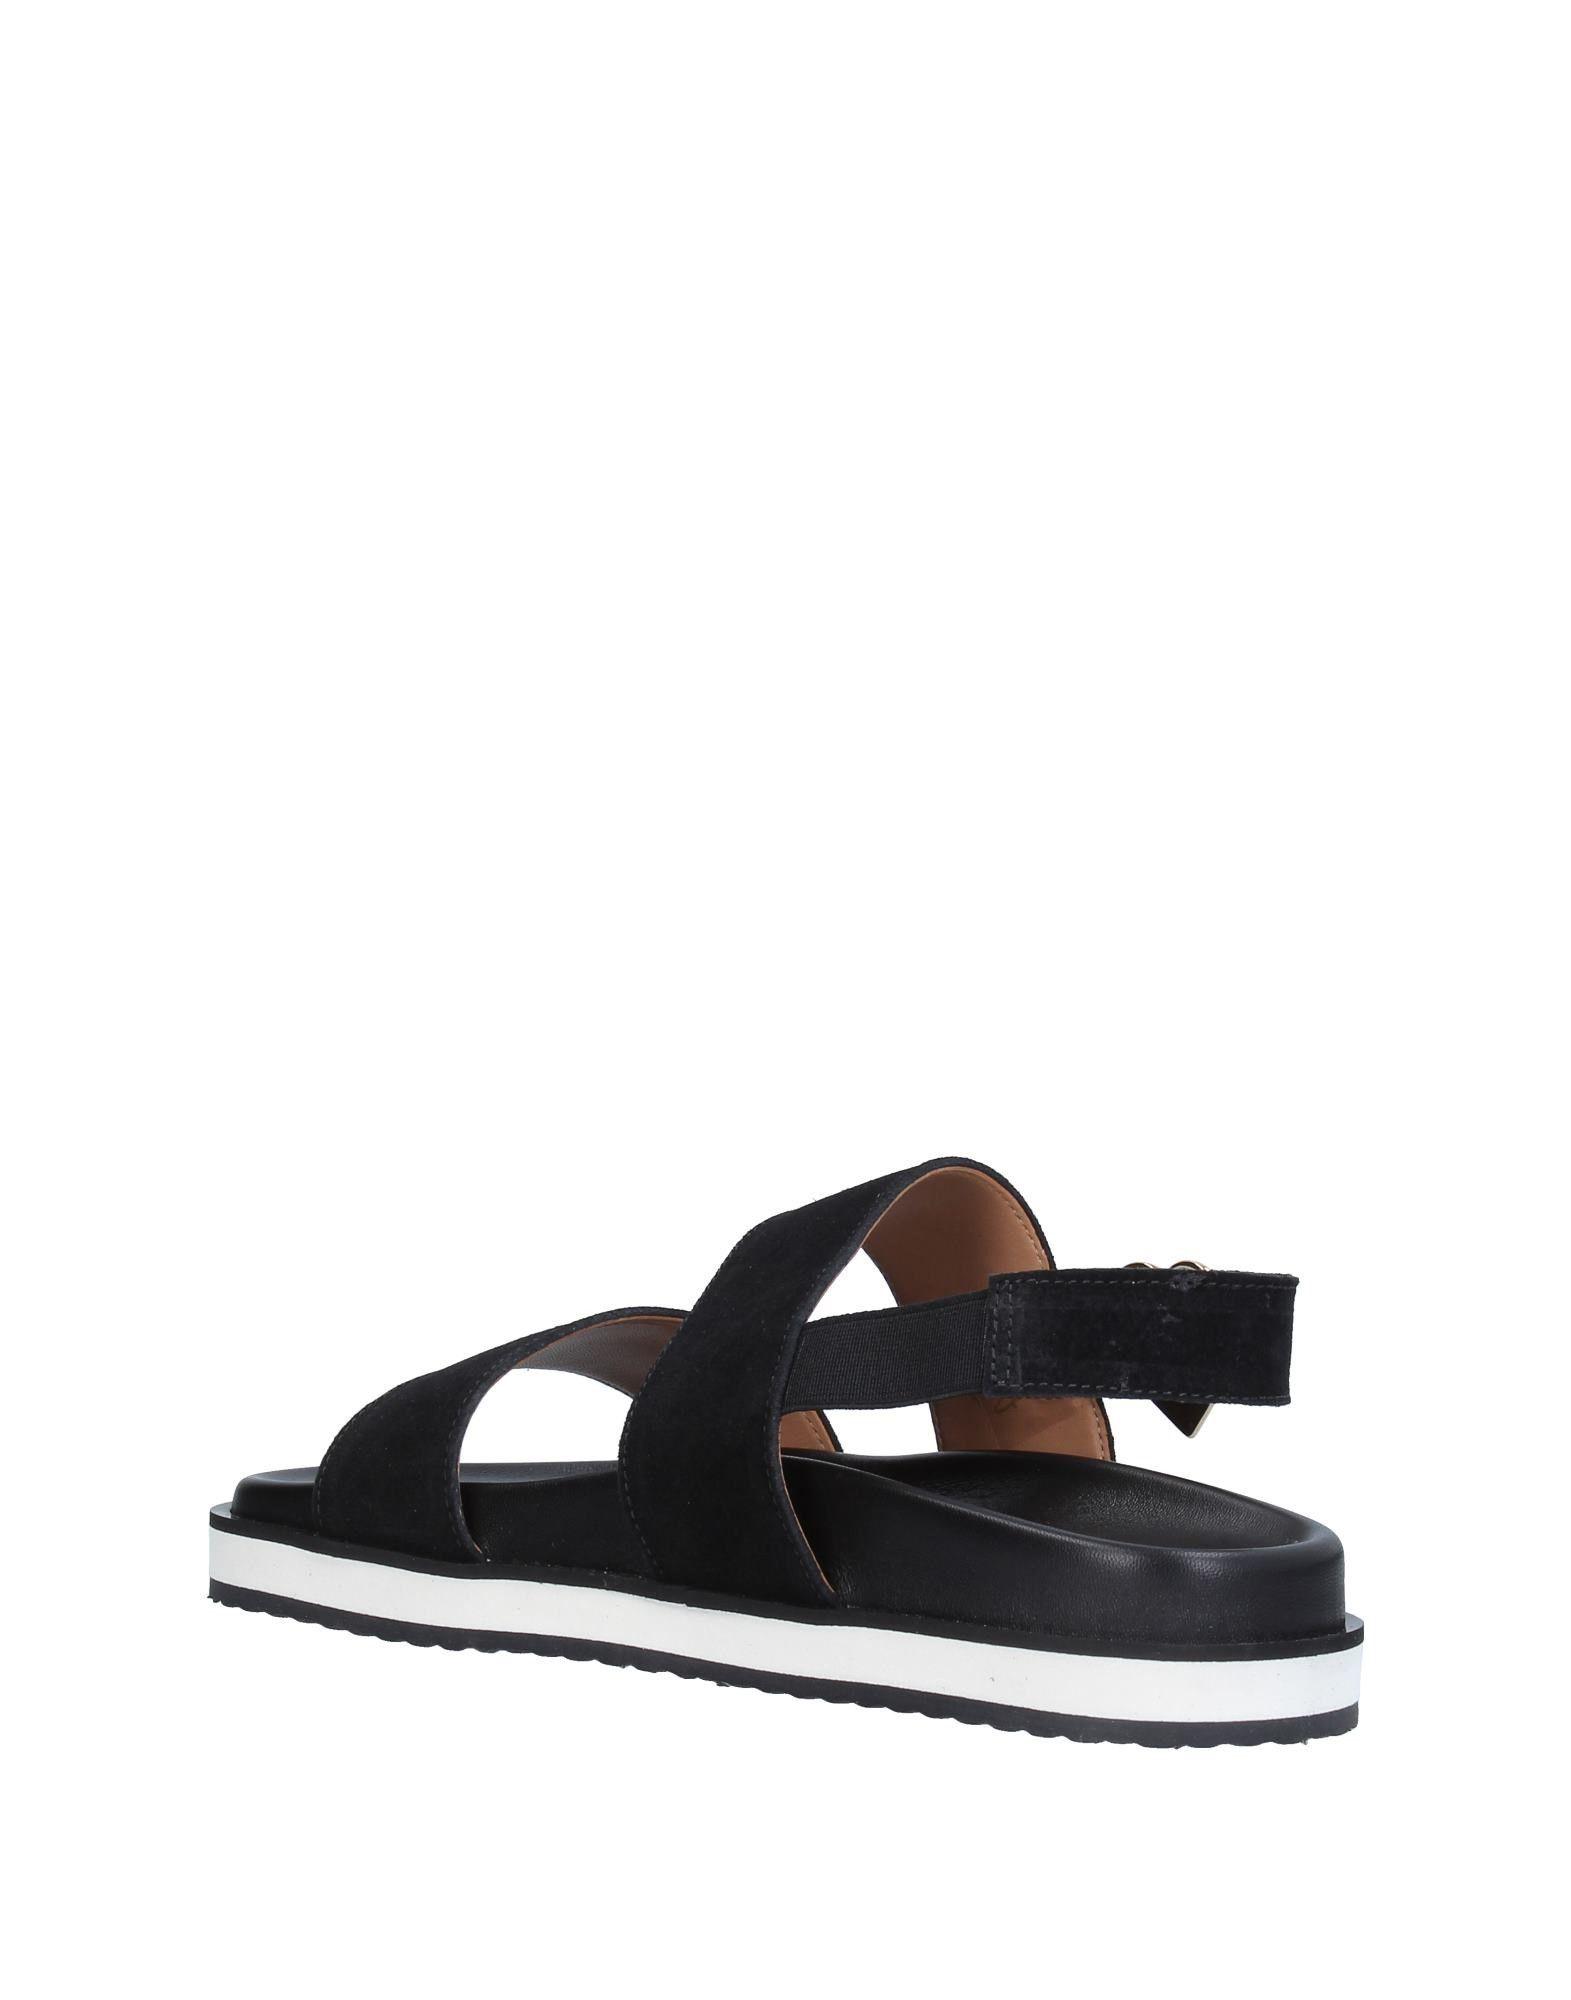 Gut um Sandalen billige Schuhe zu tragenLove Moschino Sandalen um Damen  11326514CG 4177ac